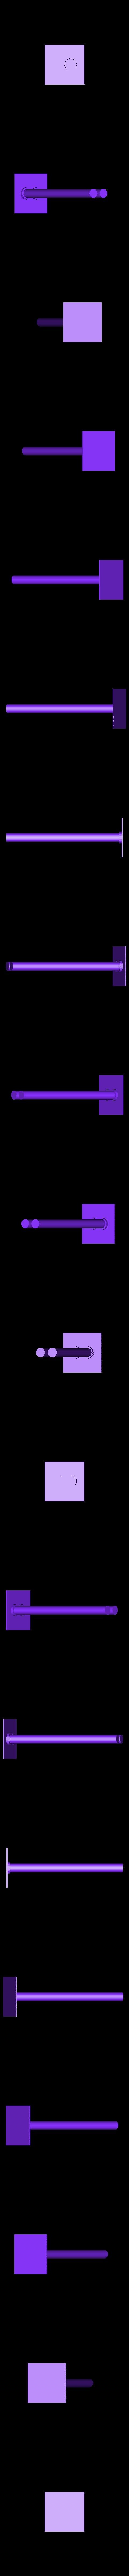 2xAxes.stl Télécharger fichier STL gratuit Support de Bobine • Design pour imprimante 3D, oasisk